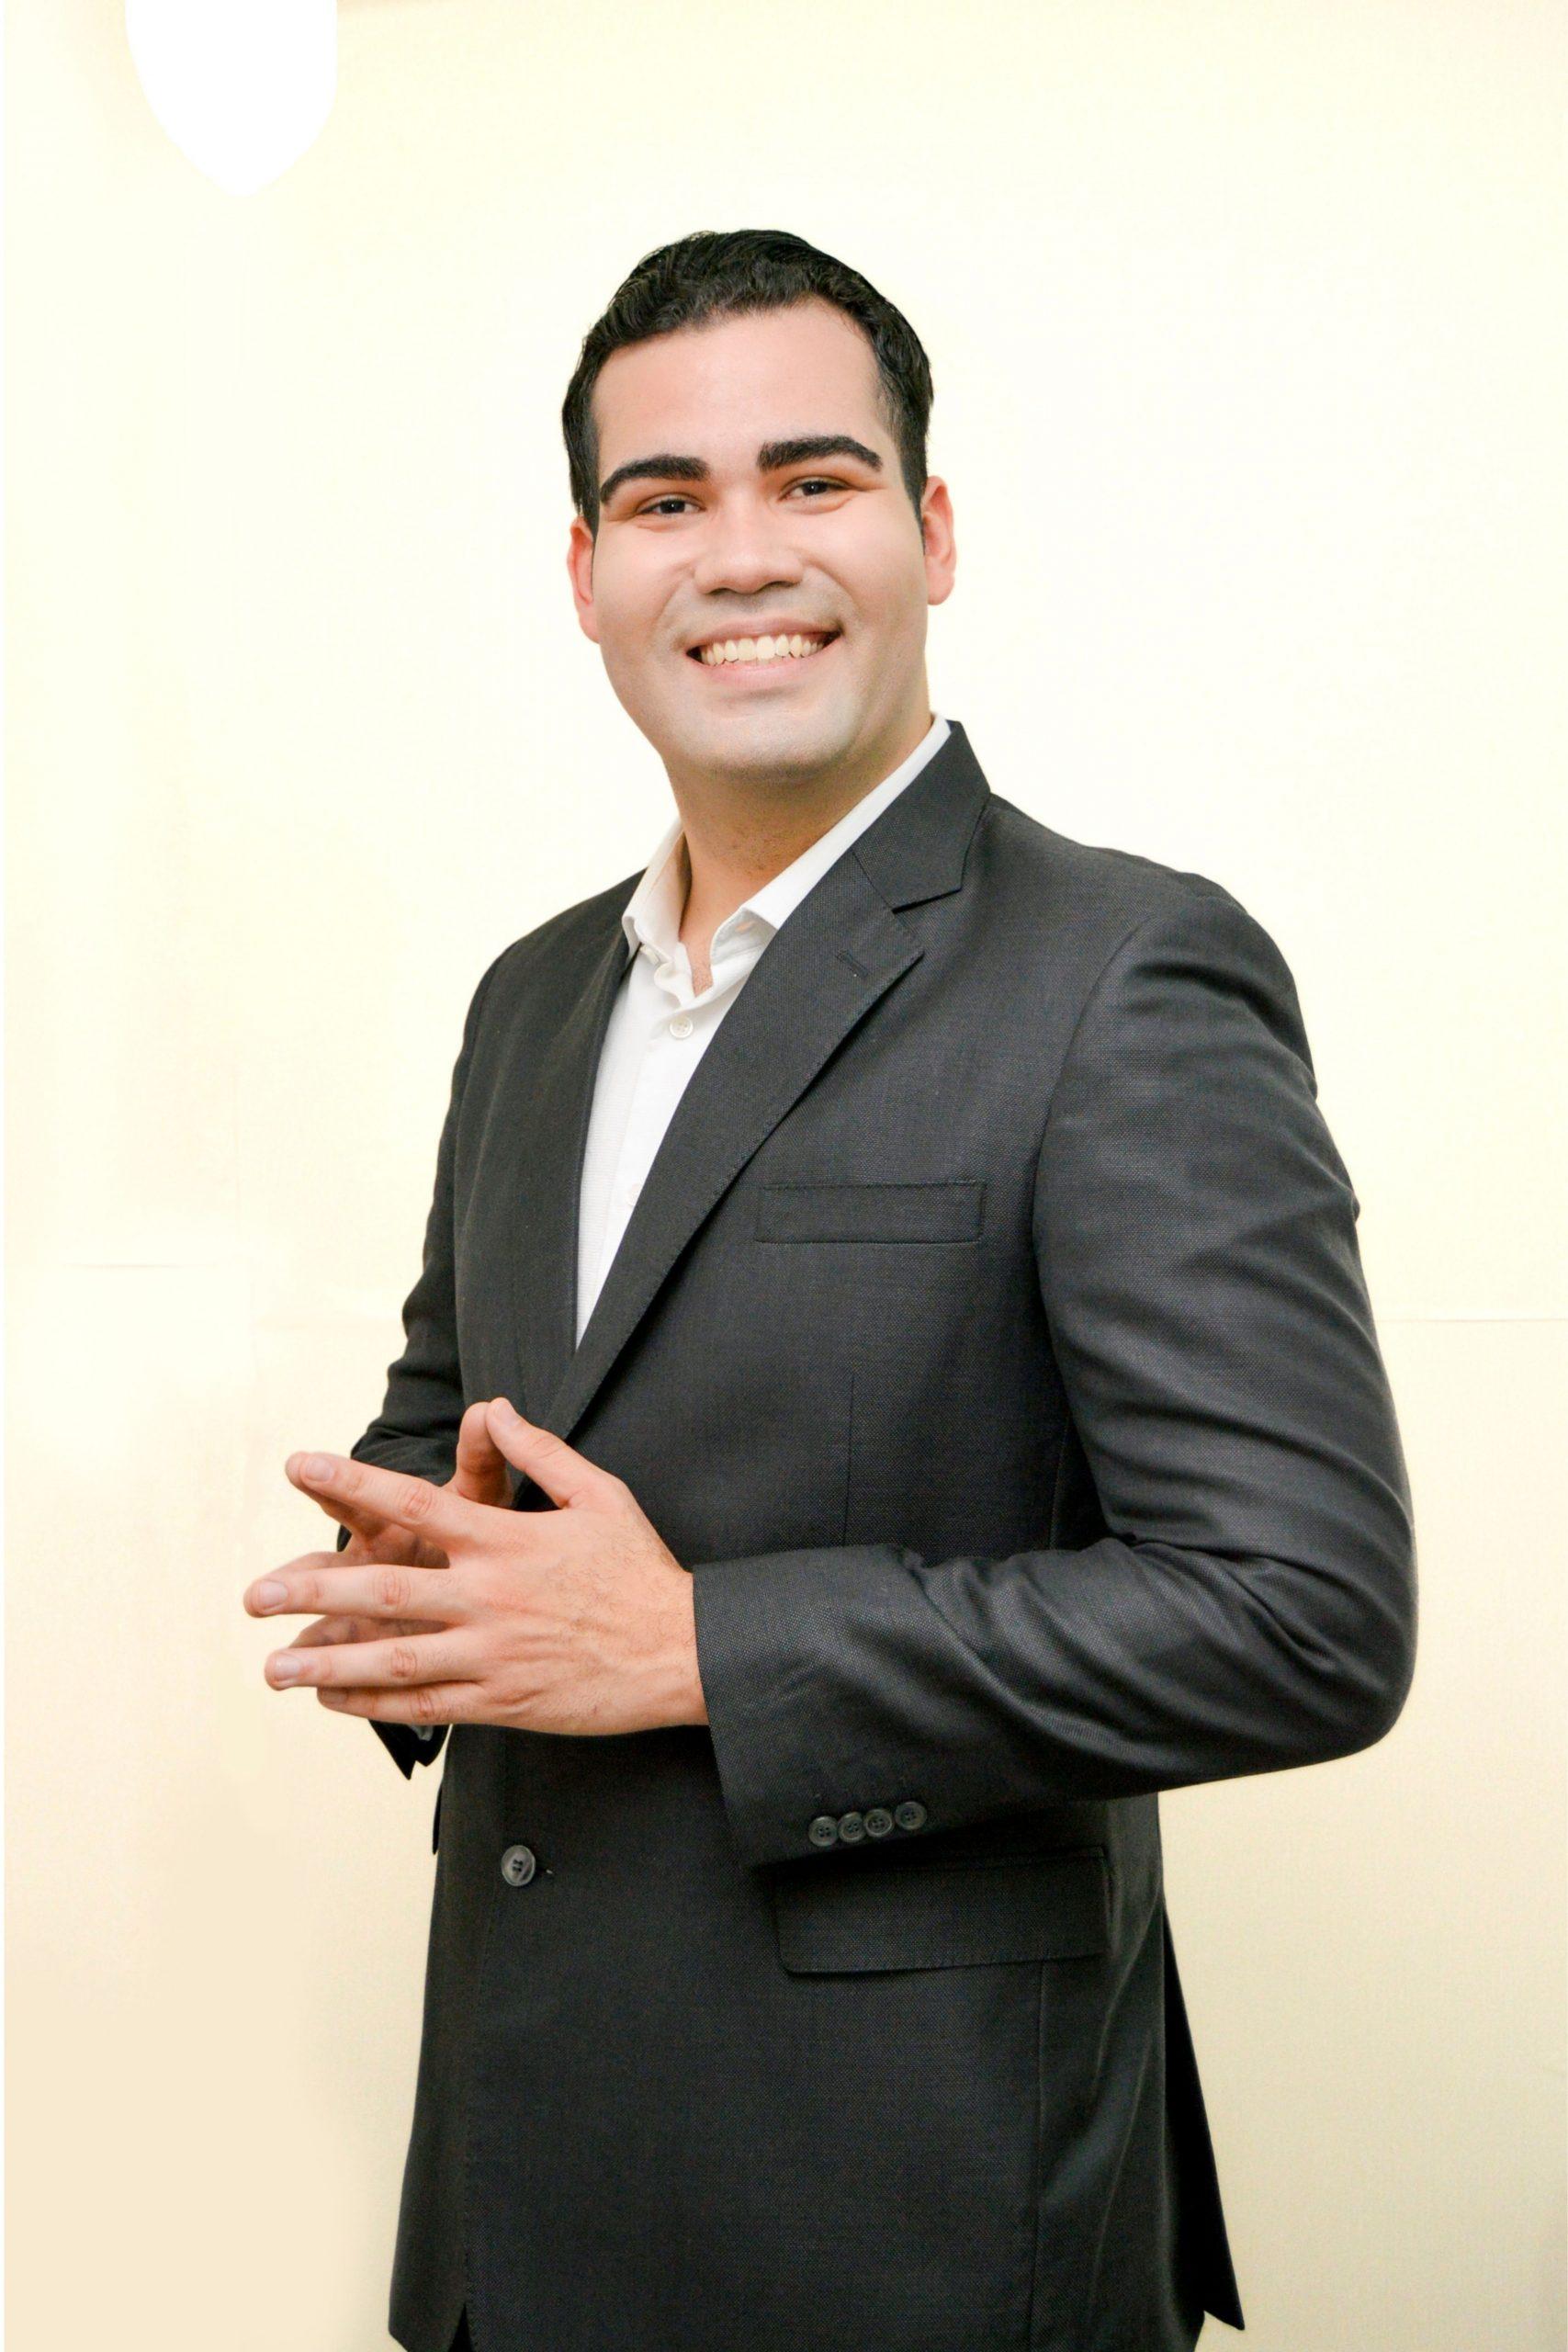 William Antequera